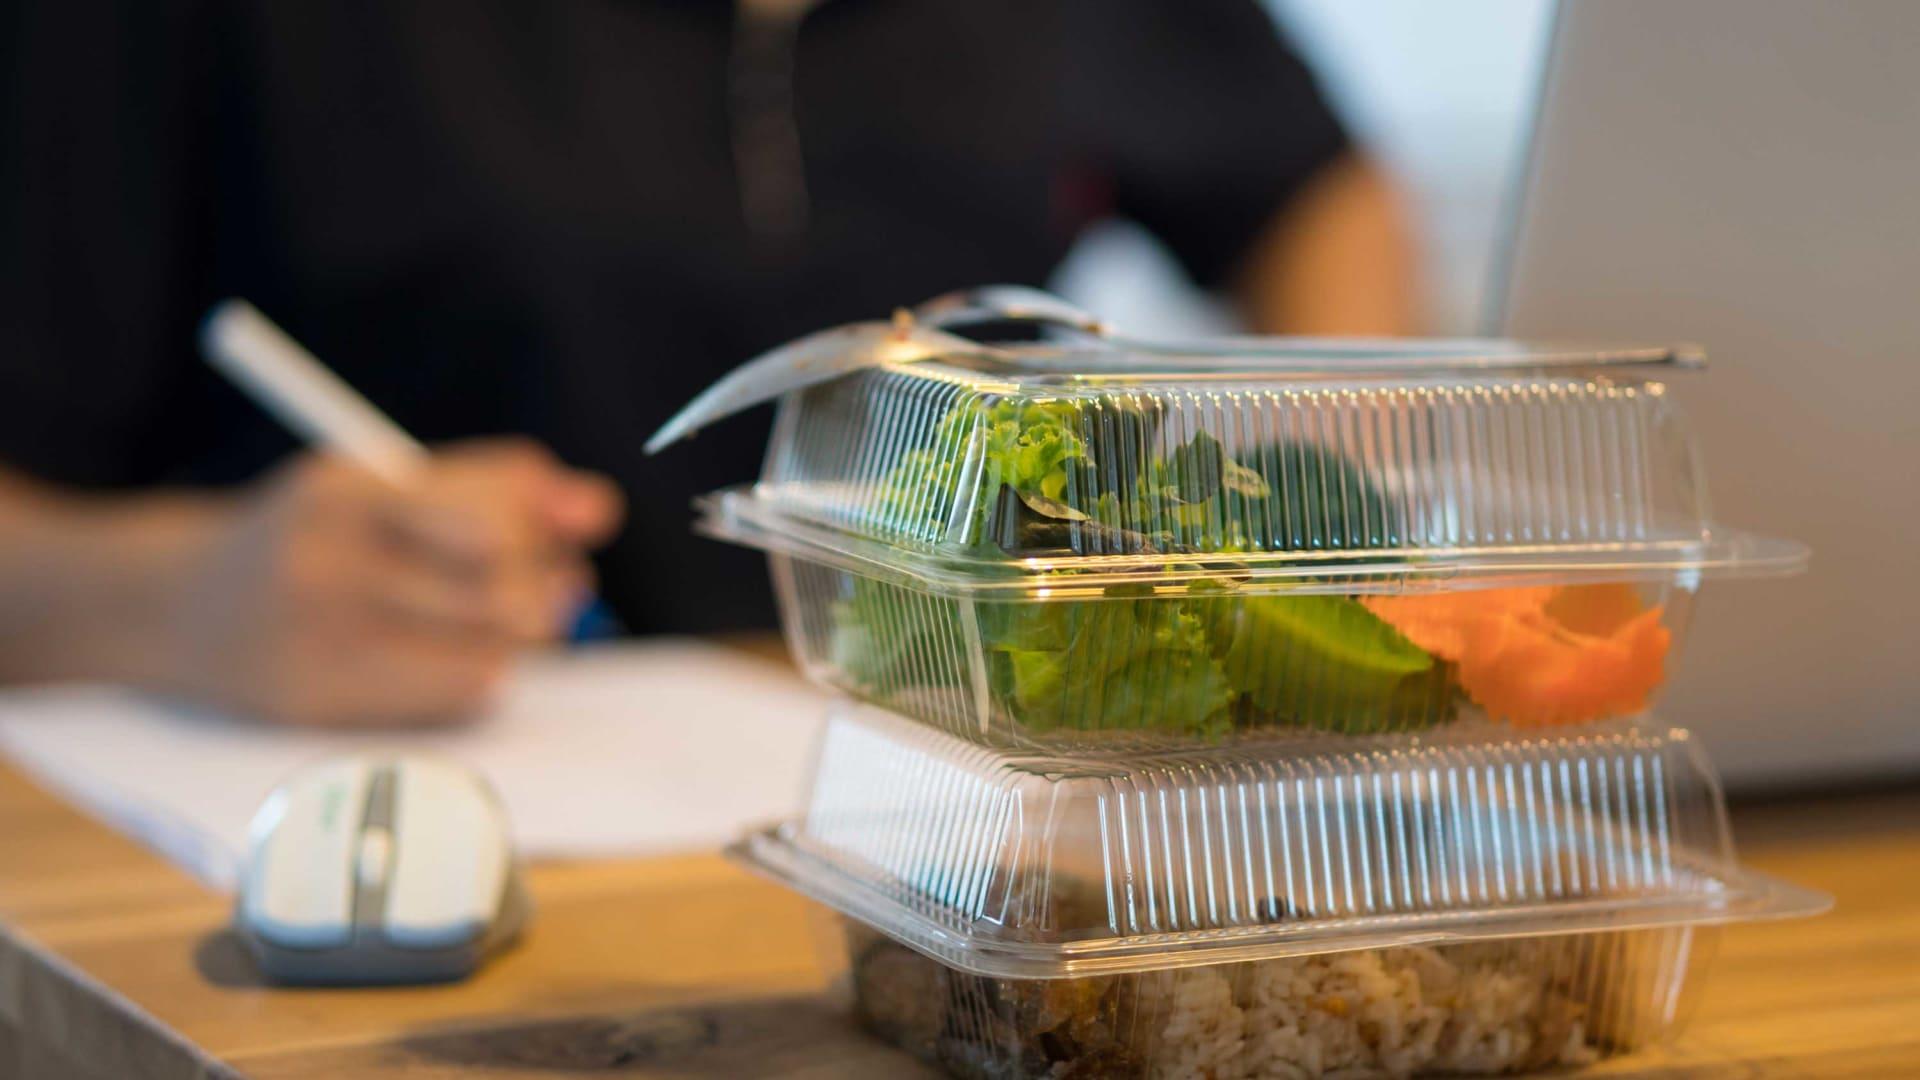 لمكافحة كورونا.. الفرنسيون يمكنهم الآن تناول الغداء في مكاتبهم دون خرق القانون